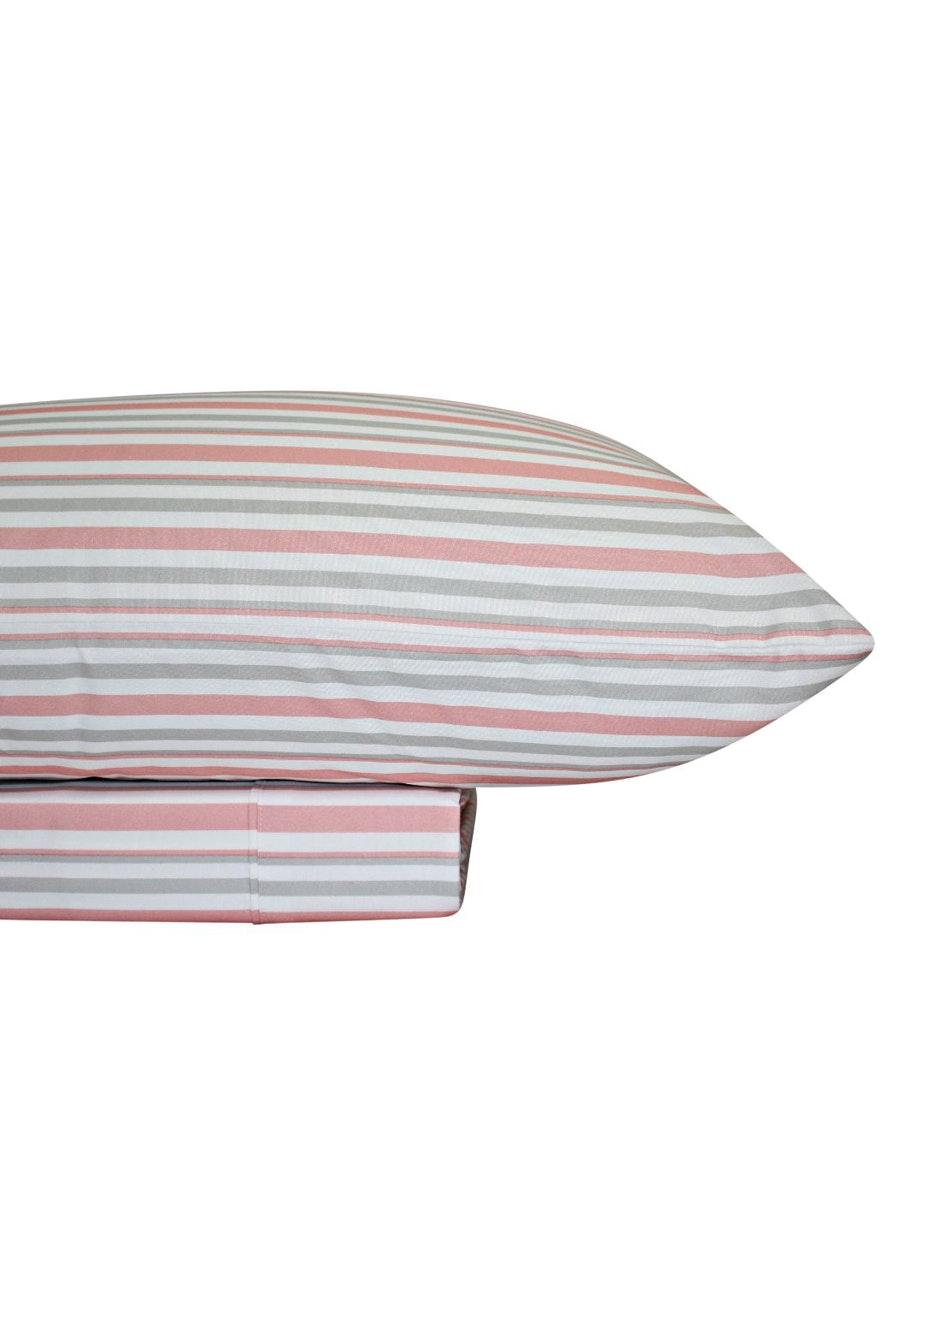 Thermal Flannel Sheet Sets - Stripe Design - Blossom/Glacier - Single Bed